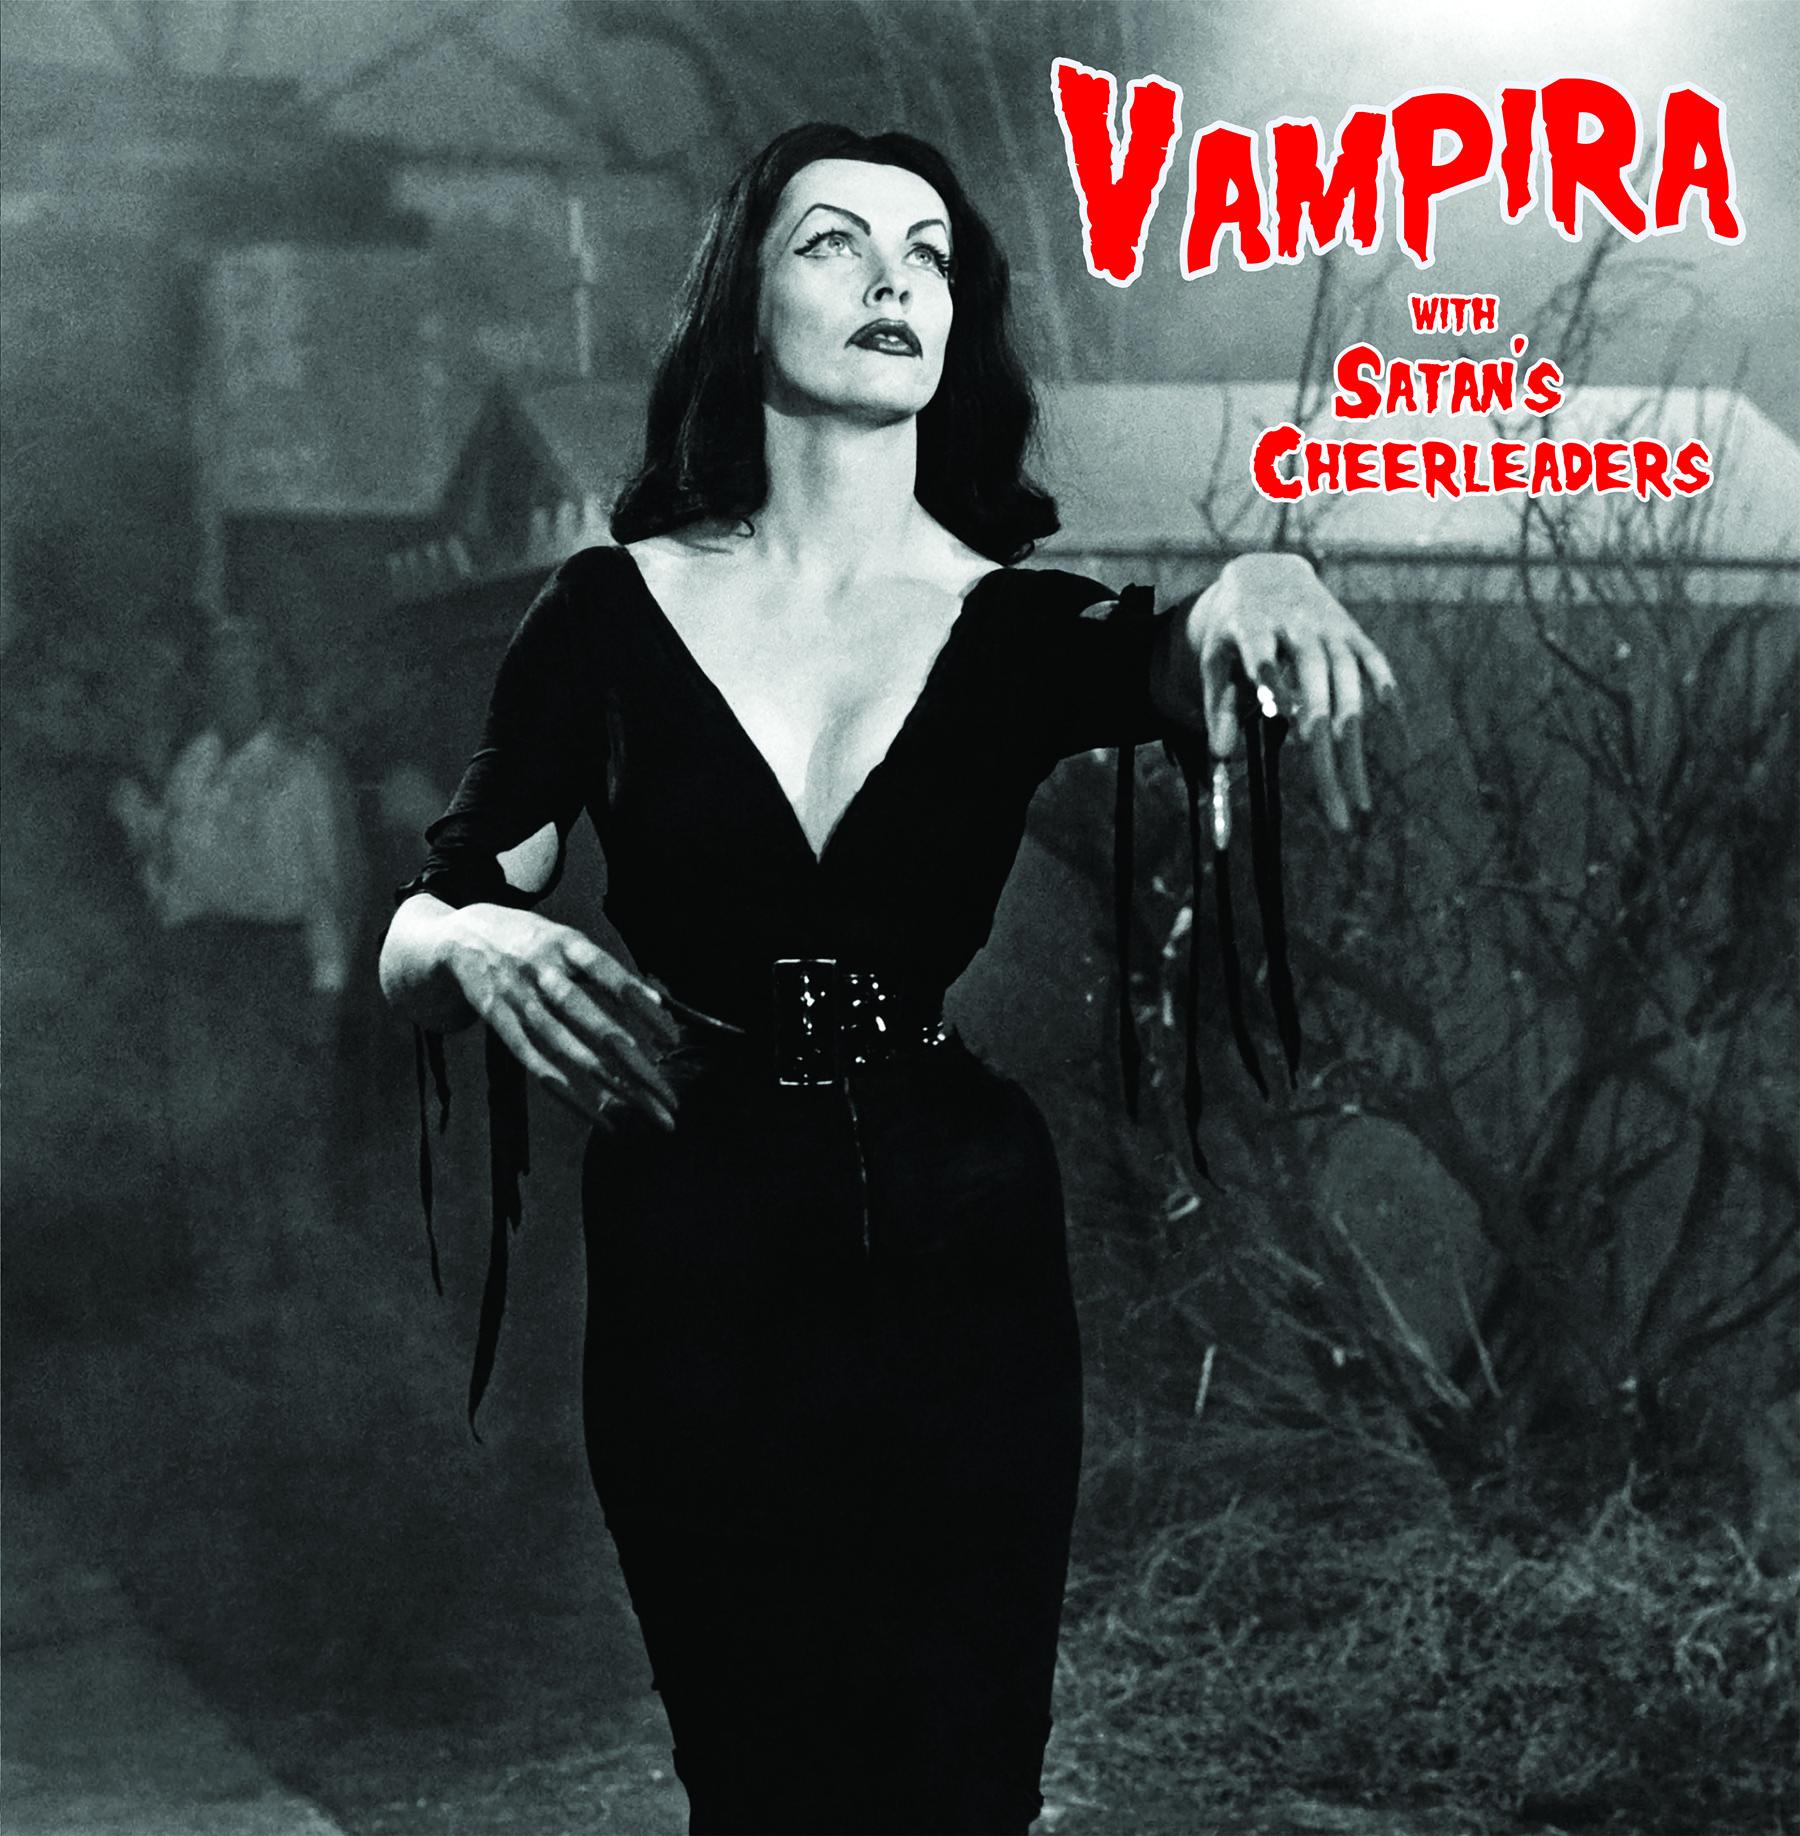 Vampira with Satan's Cheerleaders